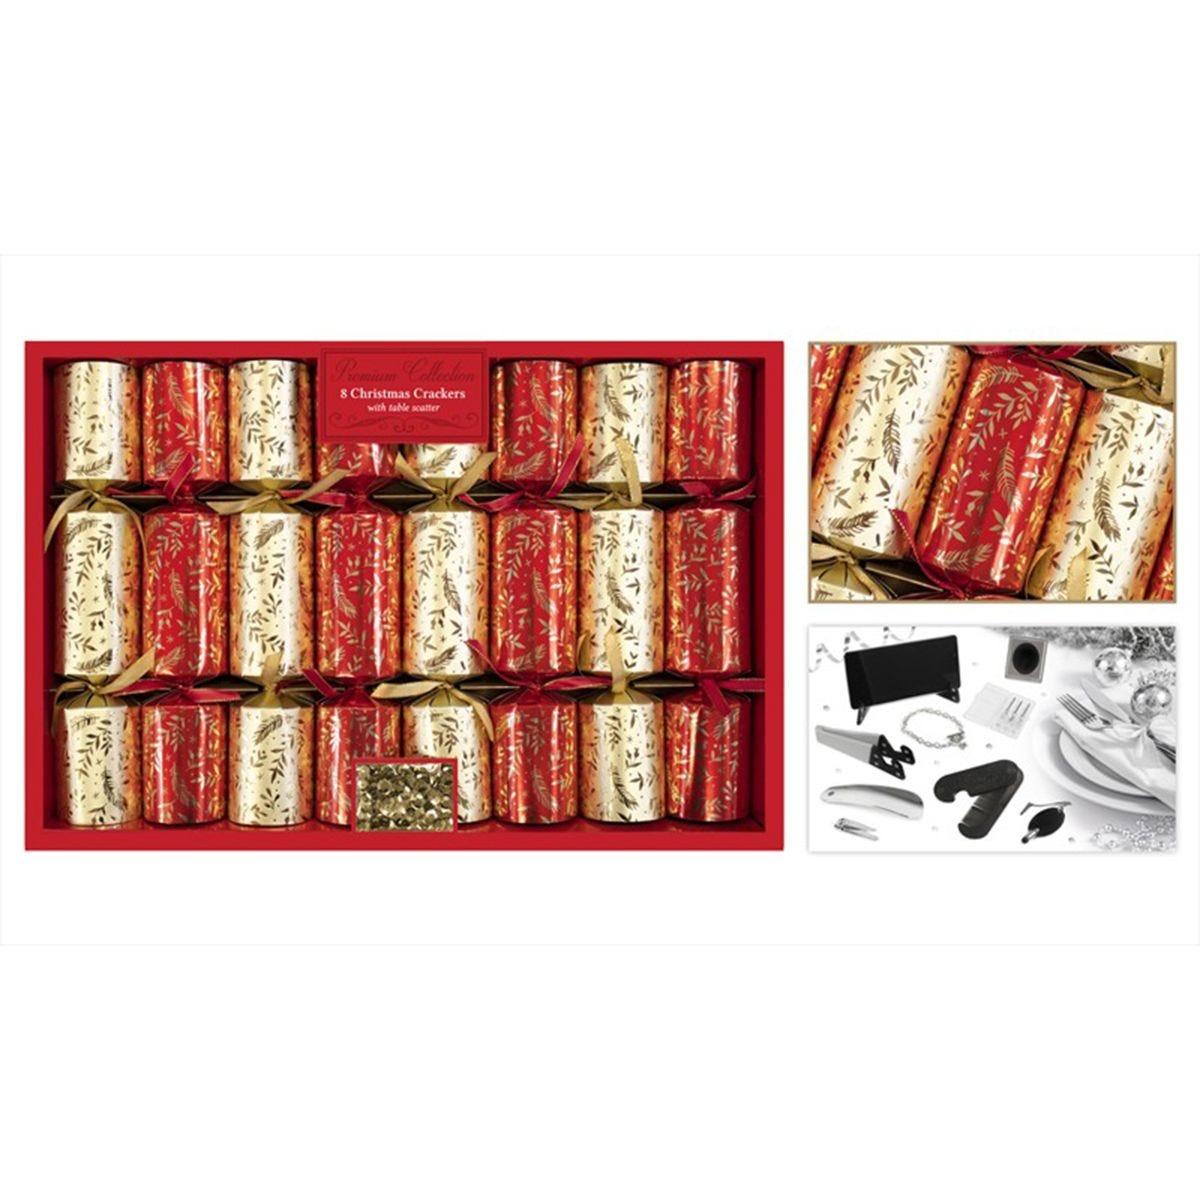 8 Premium Red & Gold Leaf Crackers 13.5